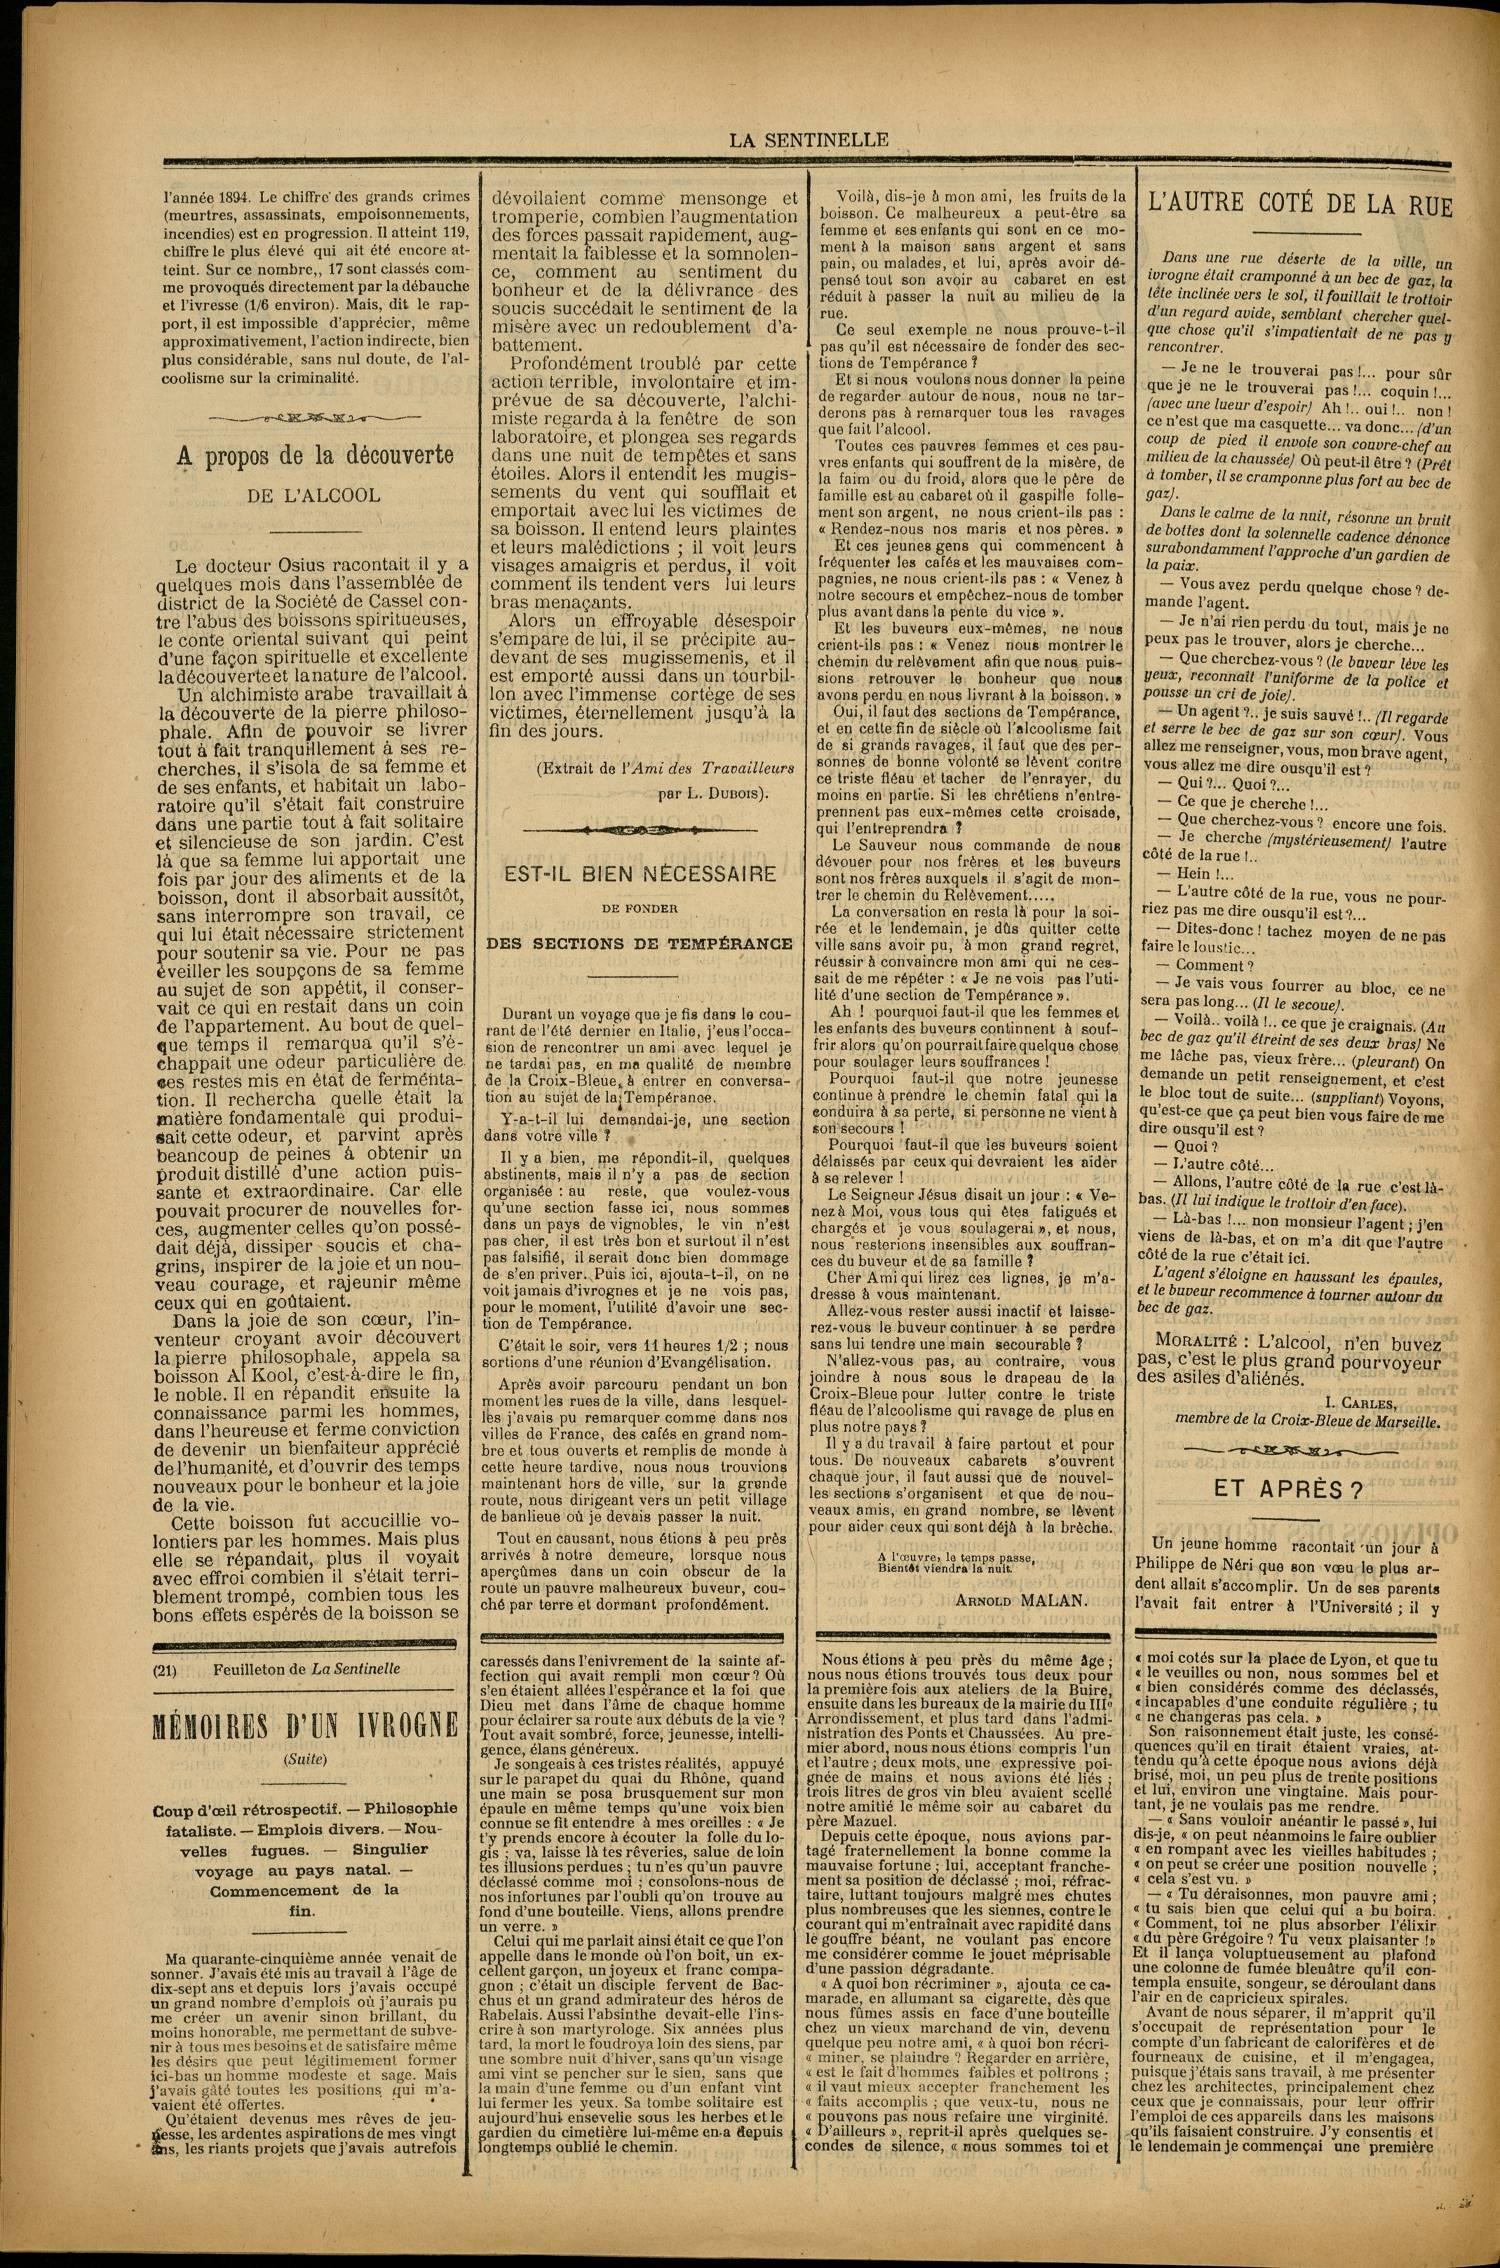 Contenu textuel de l'image : A propos de la découverte